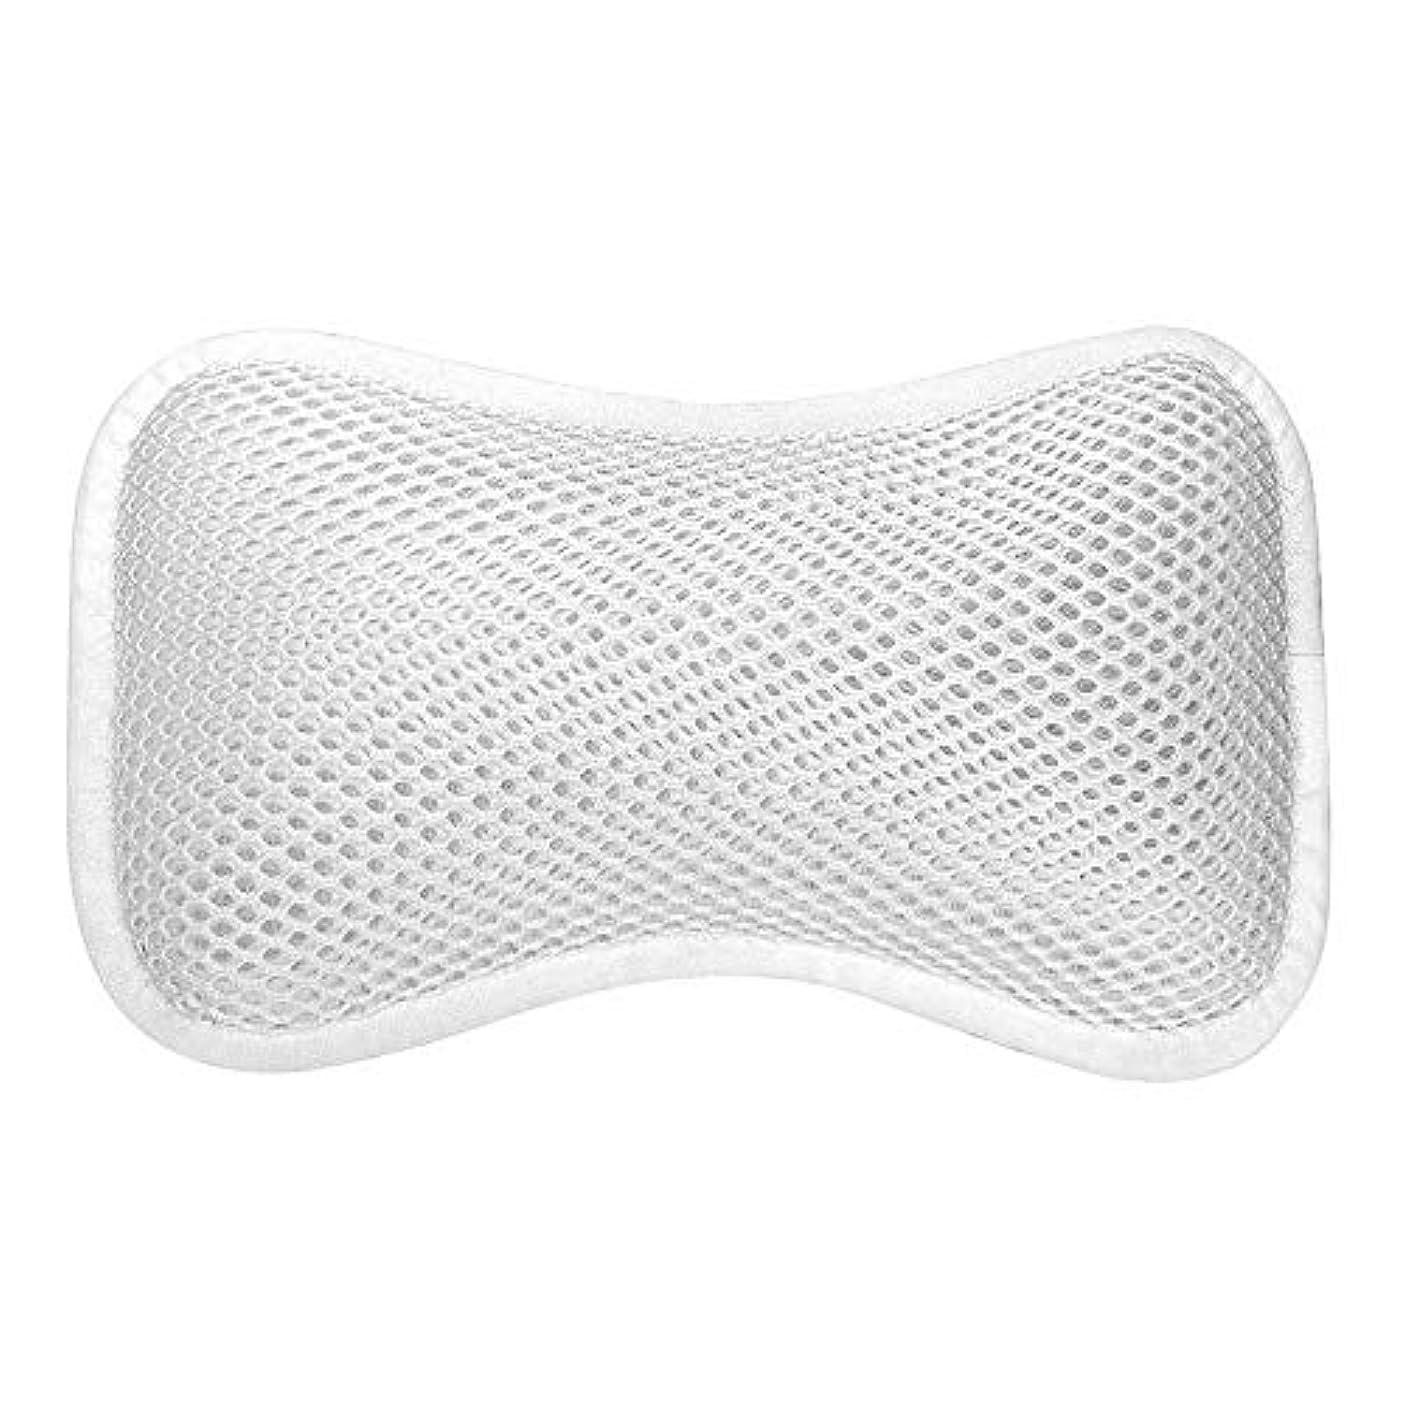 以上アレンジ巨大3D網の骨の定形バスタブの枕、吸盤が付いている人間工学的の設計滑り止??めの浴槽の枕